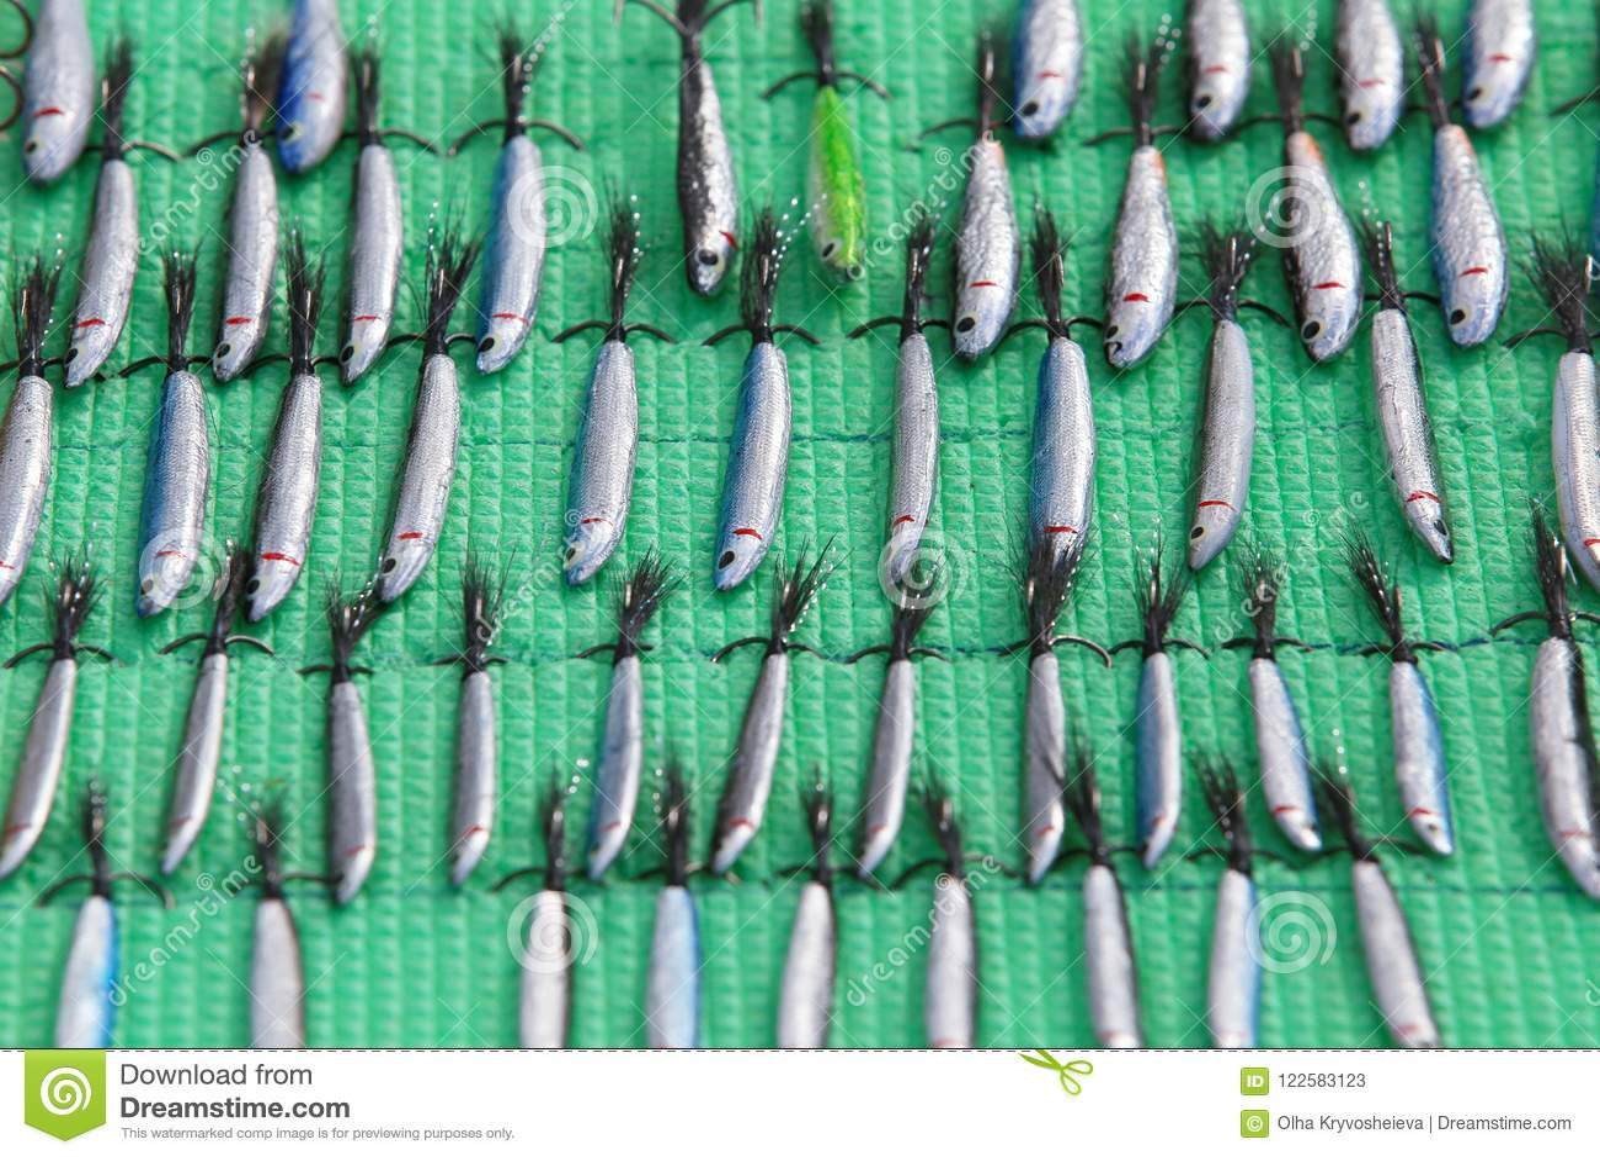 Χειροποίητα δολώματα, εξοπλισμοί και wobblers κουταλιών Θέλγητρα και εξαρτήματα αλιείας